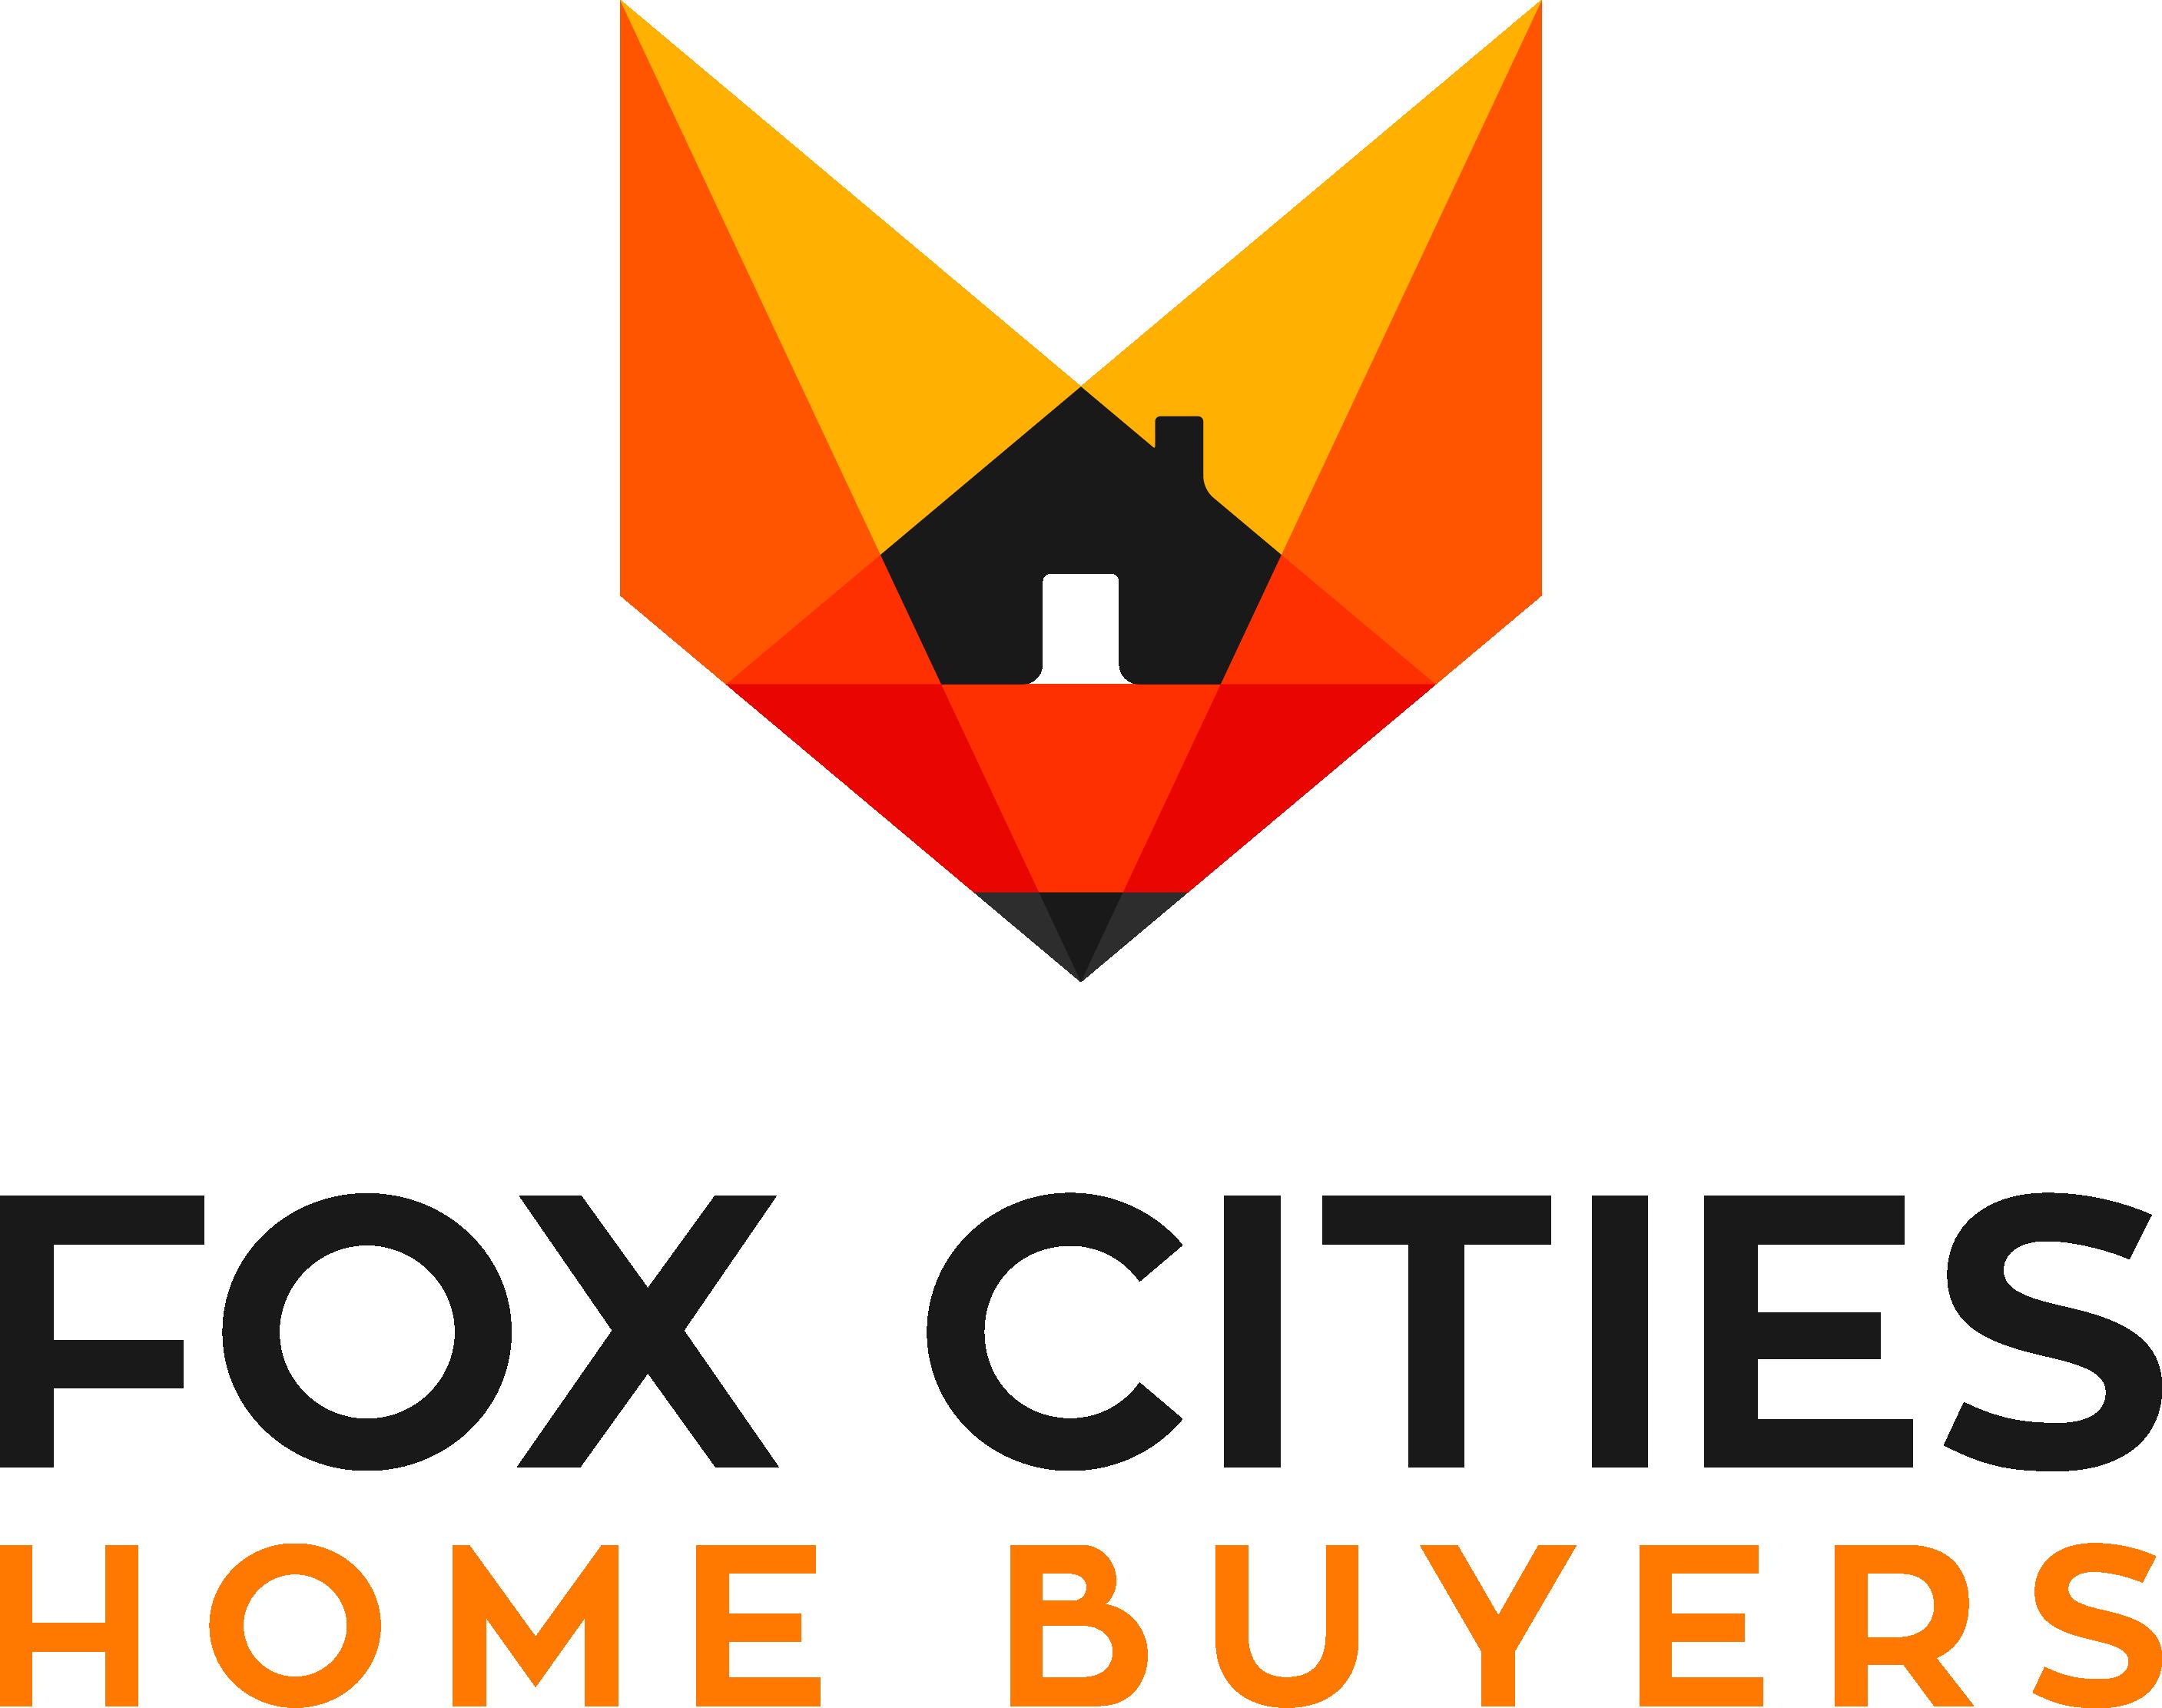 Fox Cites Home Buyers logo